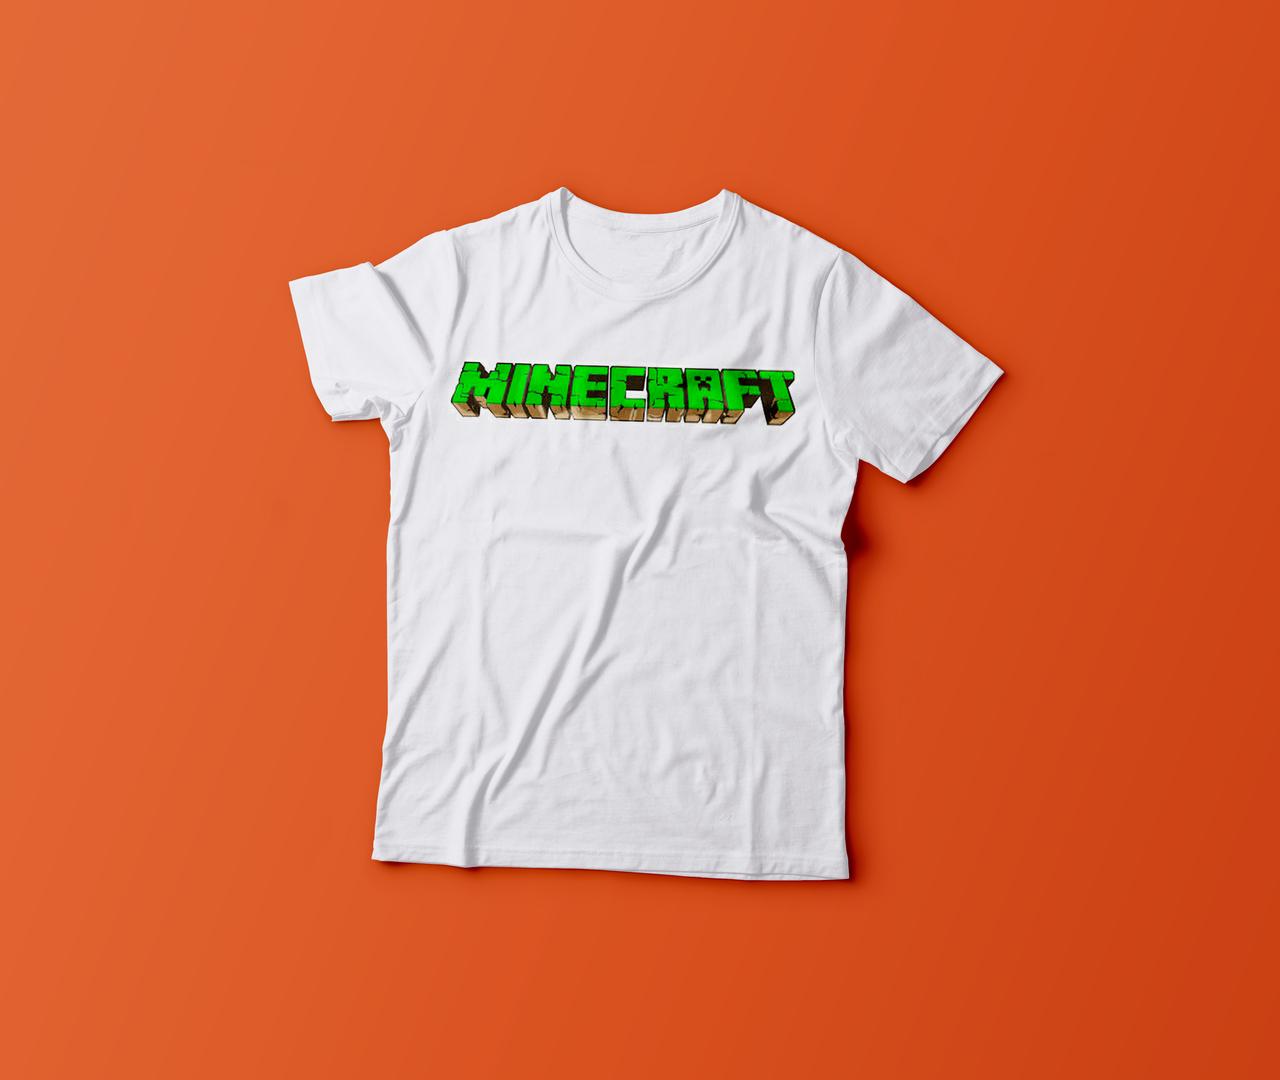 Футболка YOUstyle Minecraft 0278 104(06Y) White